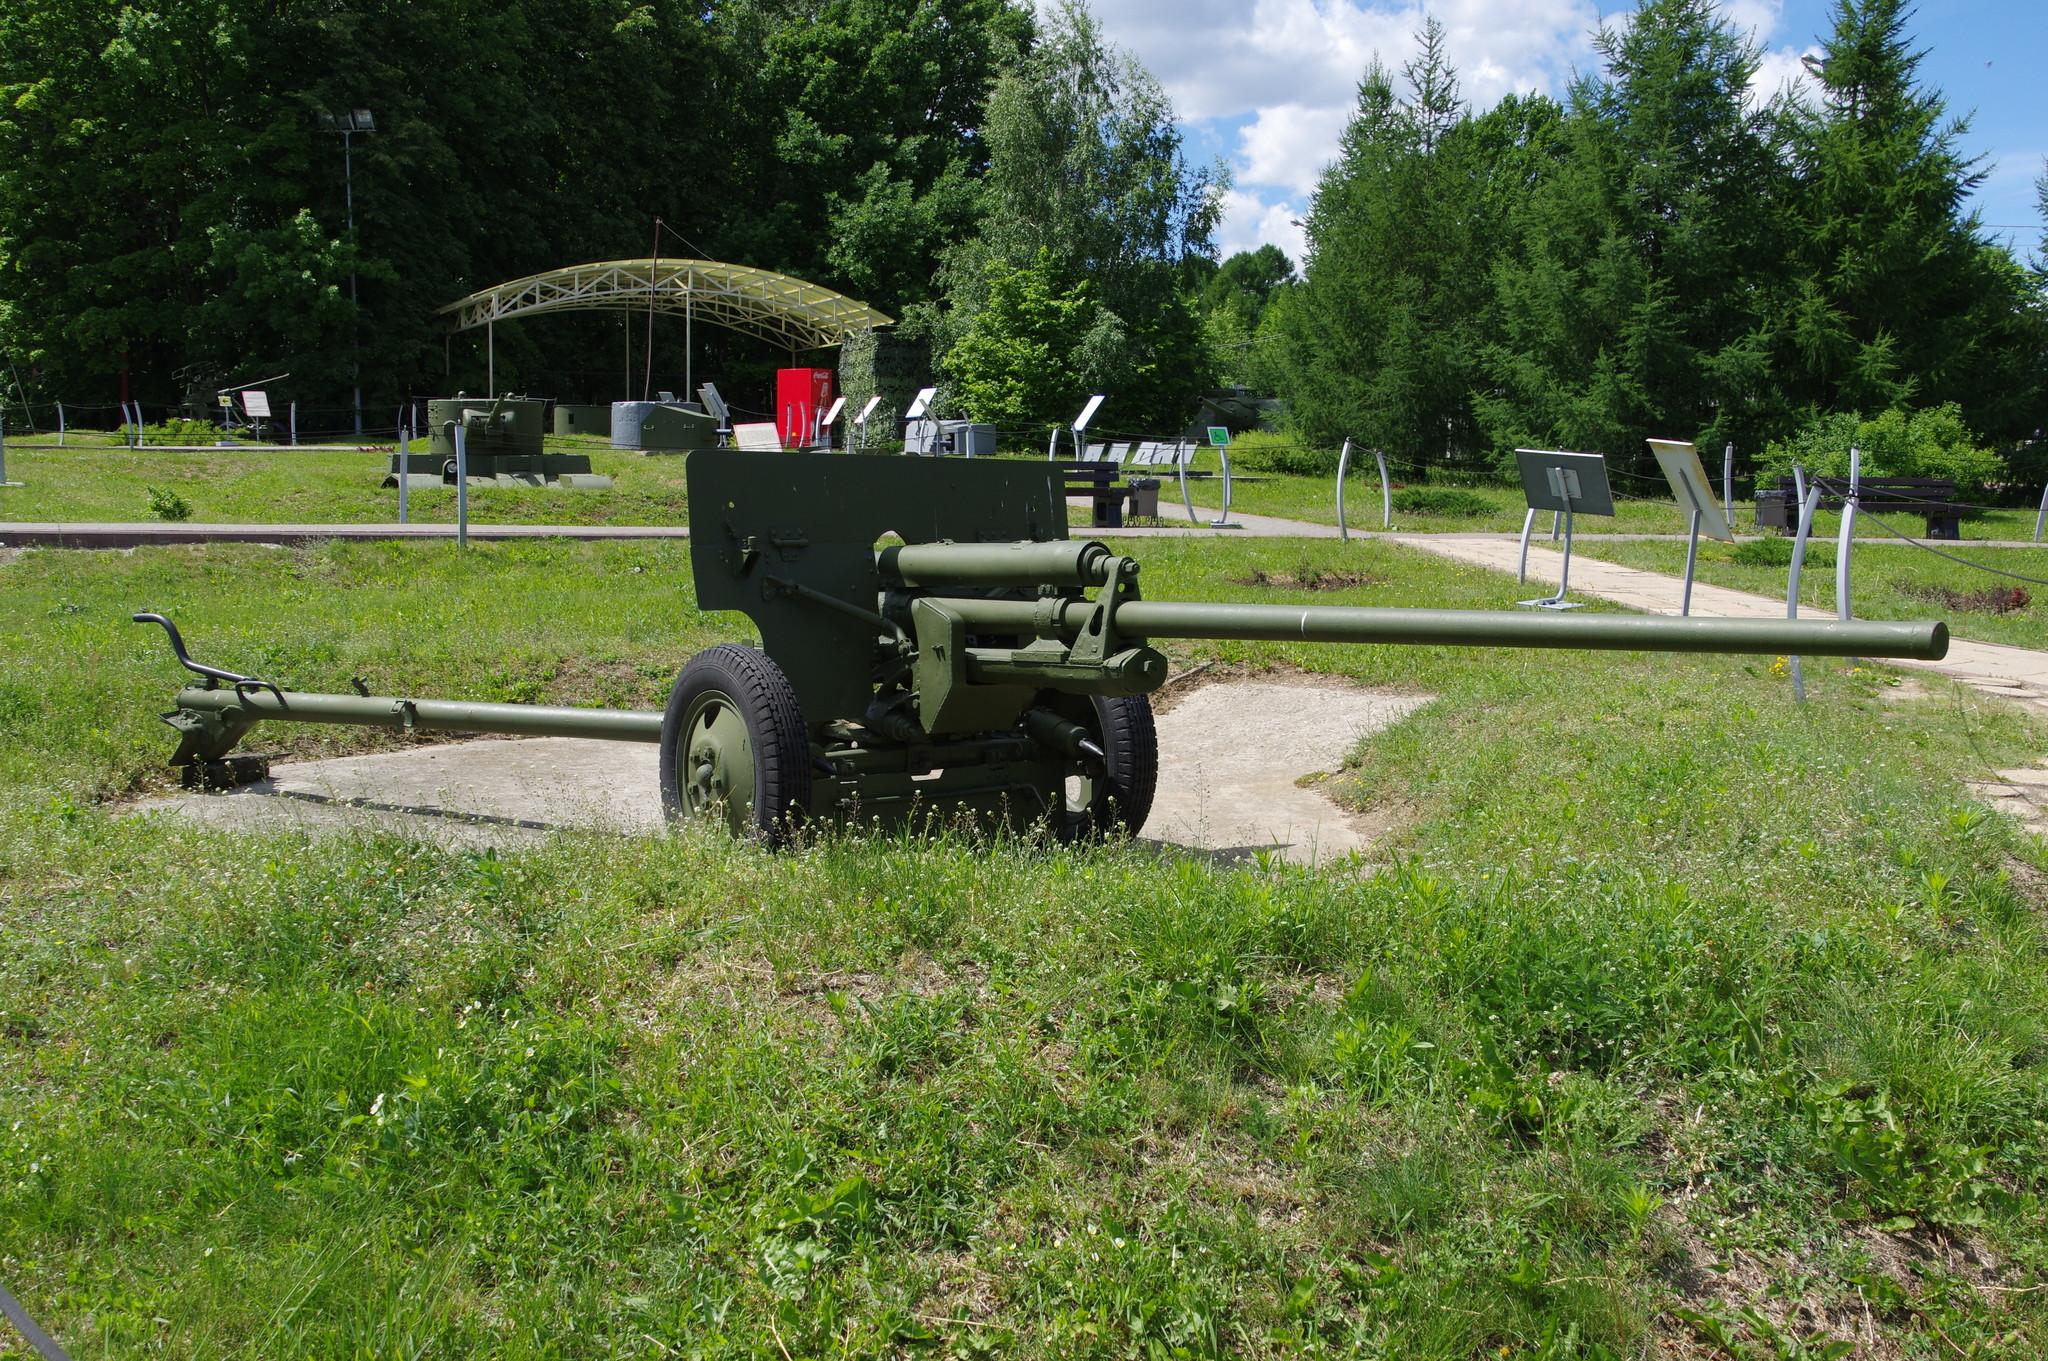 57-мм противотанковая пушка обр. 1943 г. (ЗИС-2). Центральный музей Великой Отечественной войны 1941-1945 гг.